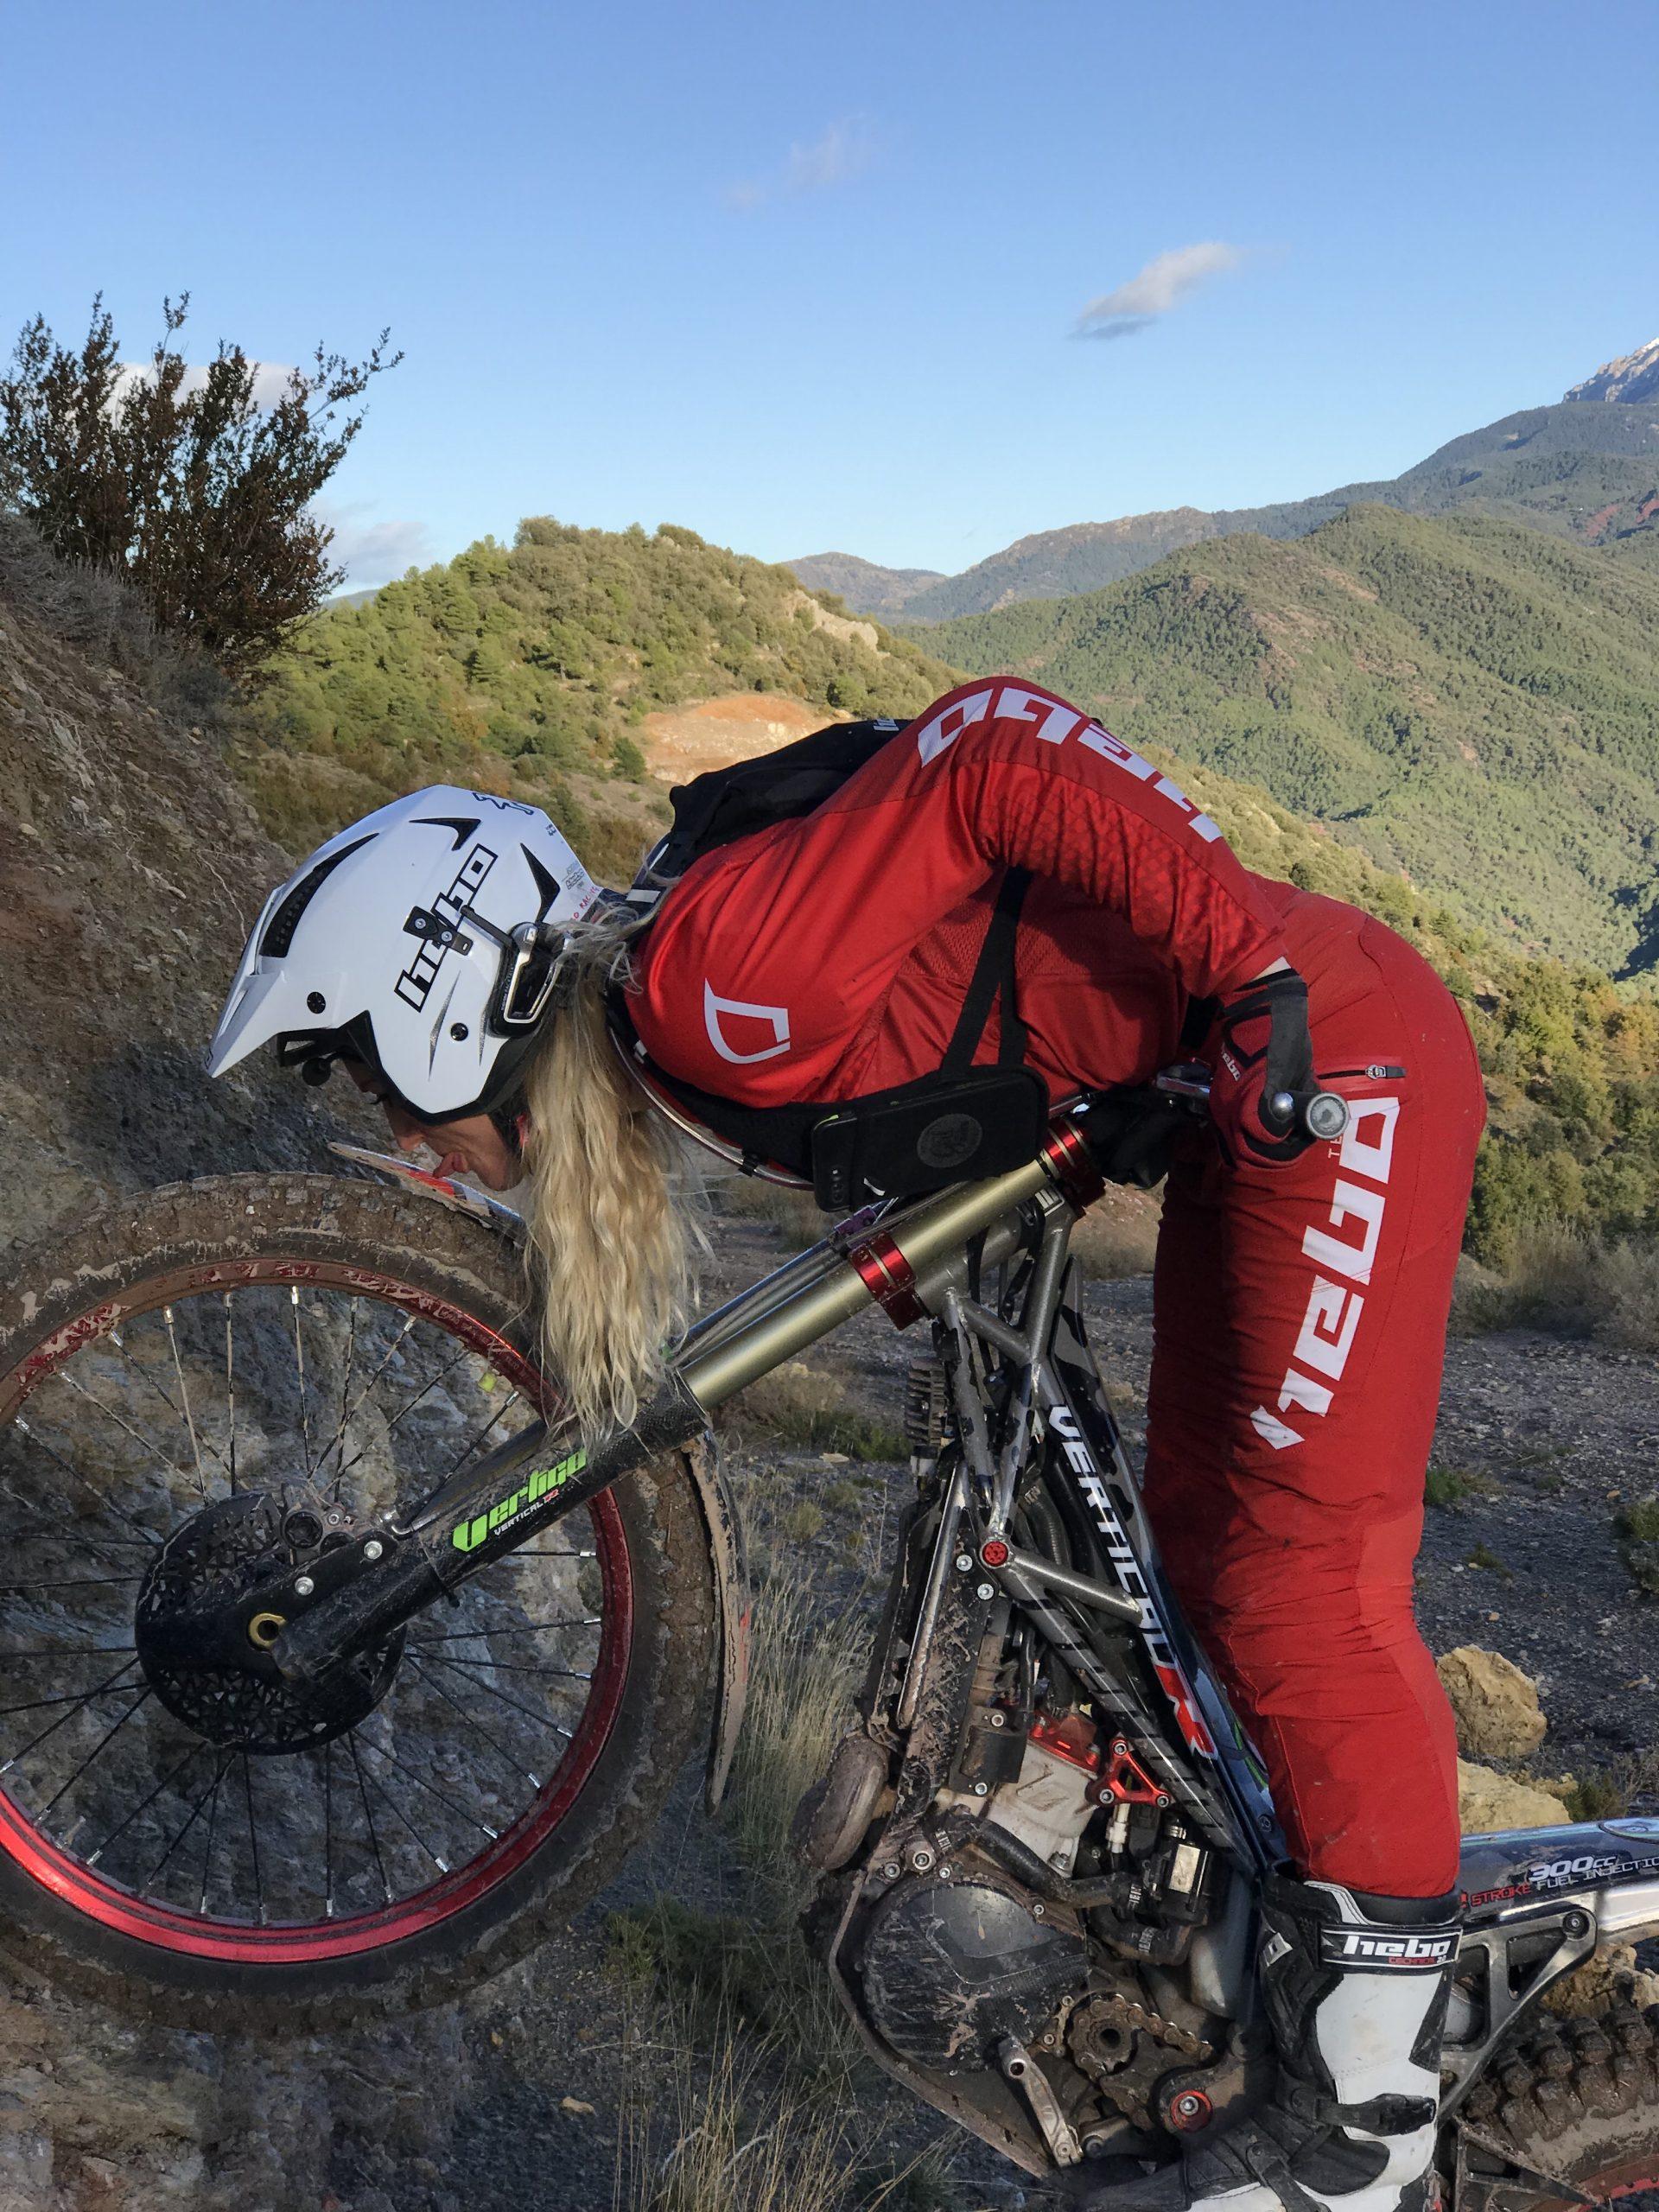 the girl on a bike beta evo trials bike 9 scaled